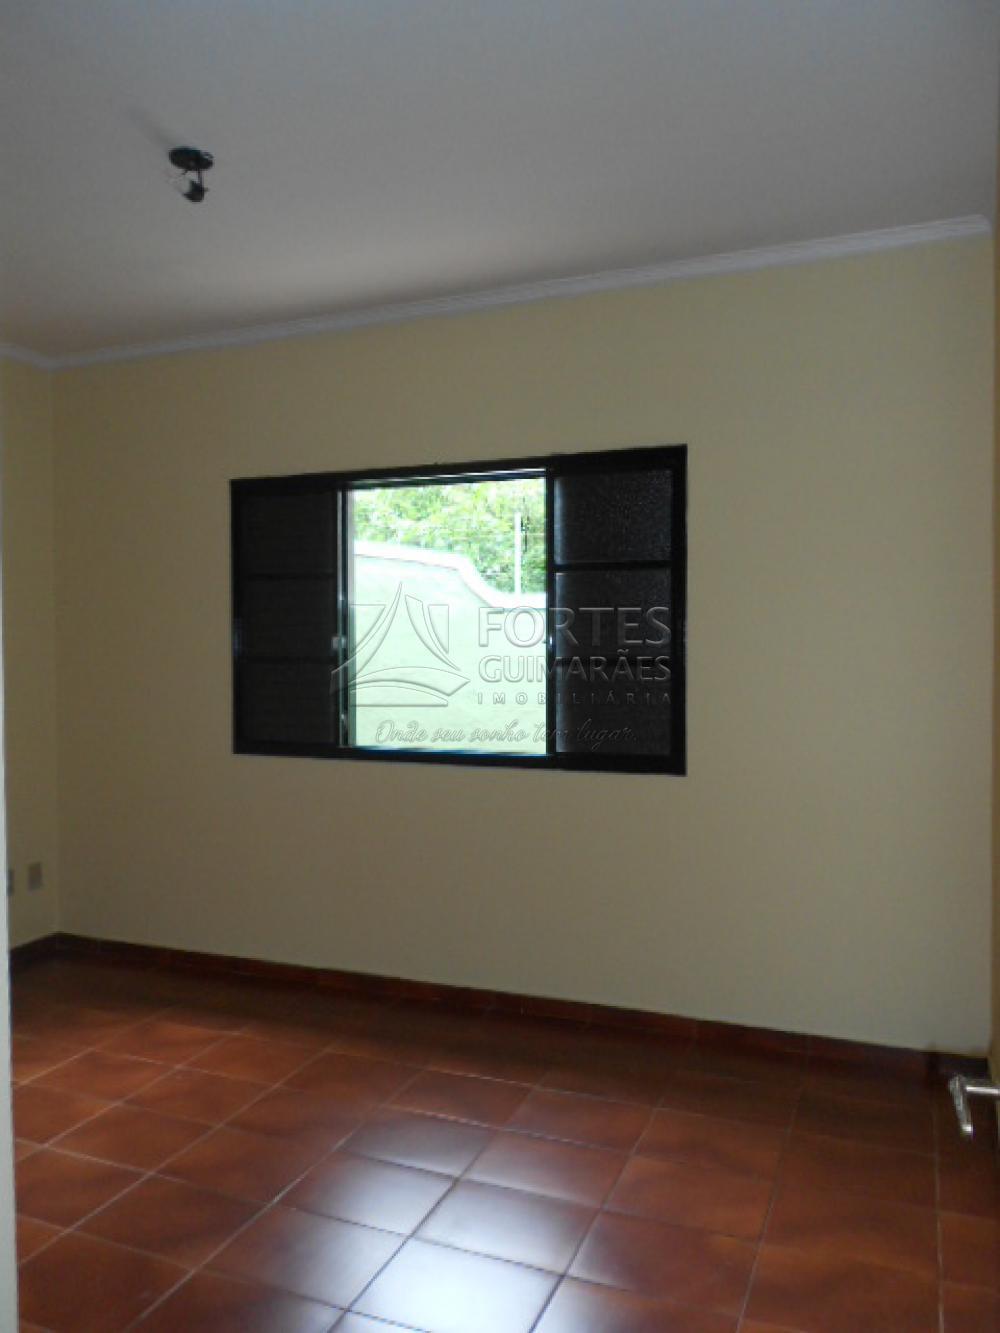 Alugar Comercial / Imóvel Comercial em Ribeirão Preto apenas R$ 5.000,00 - Foto 32